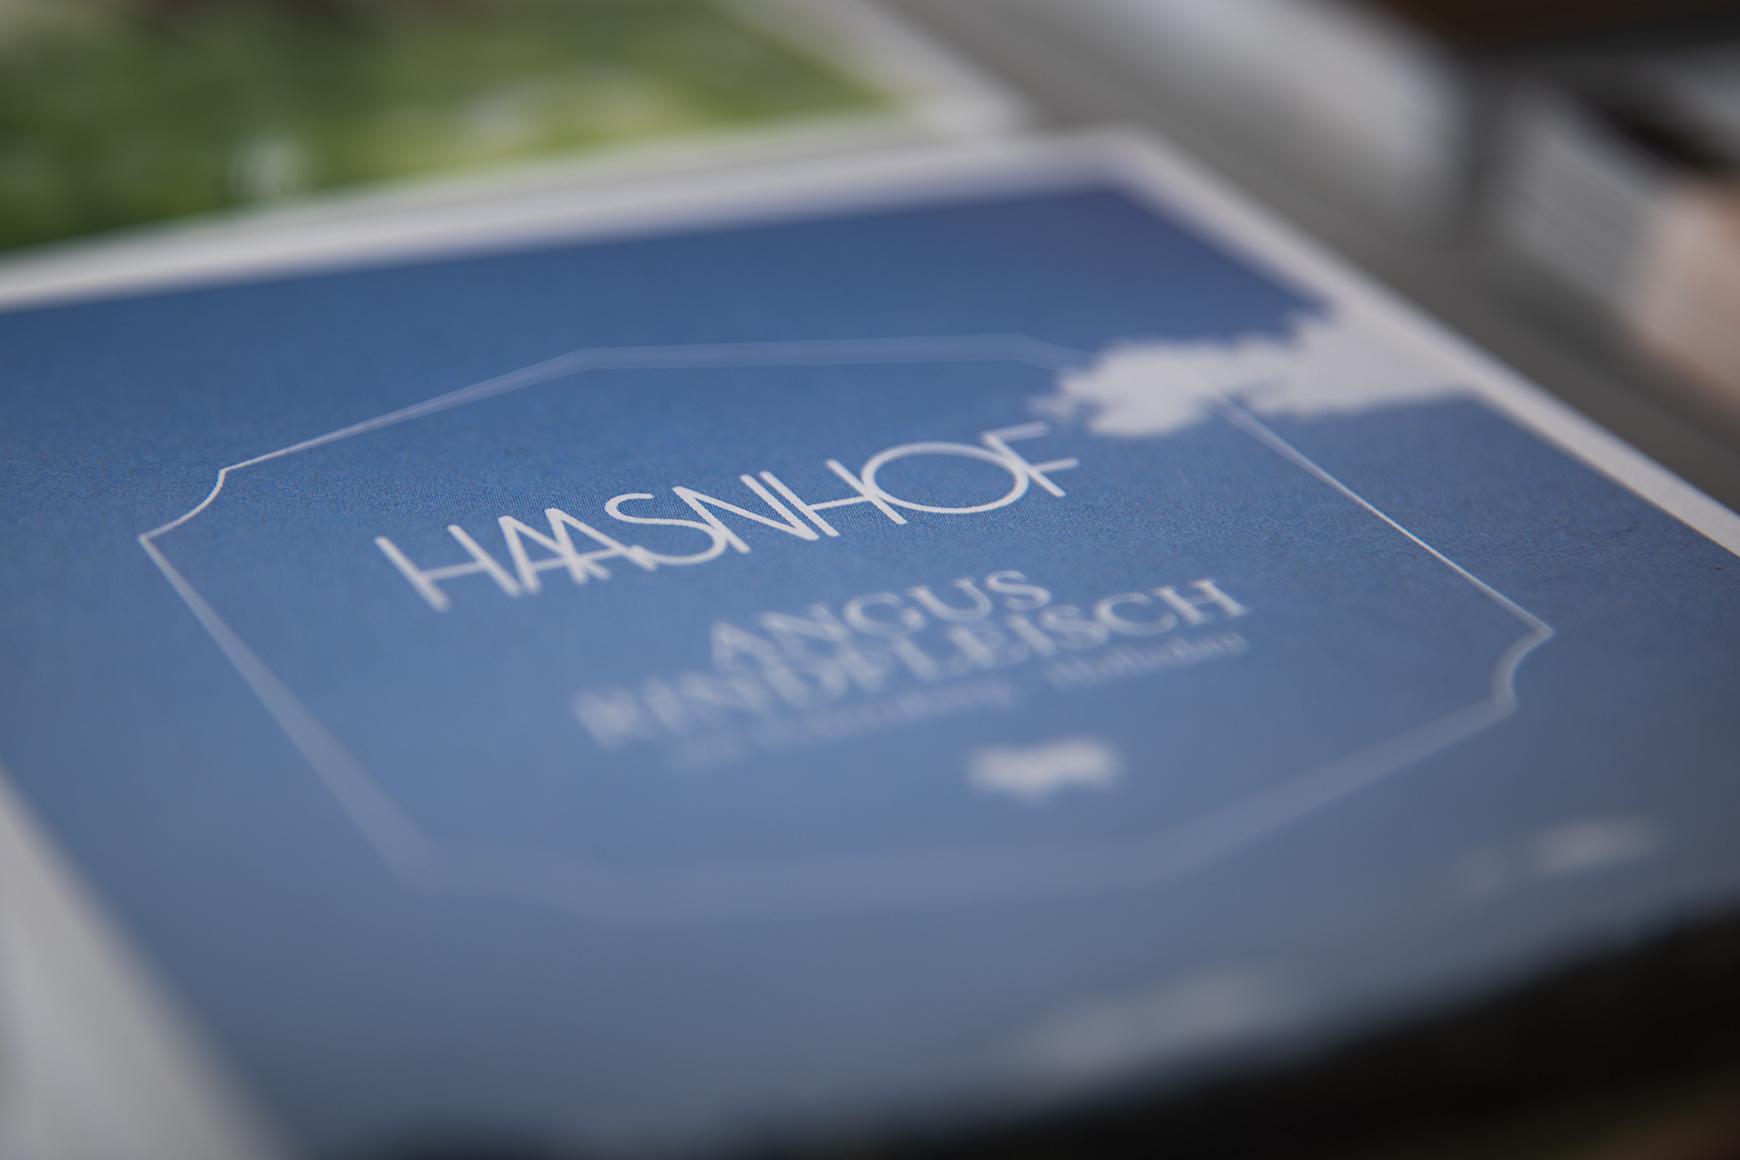 Haasnhof Schaufenster